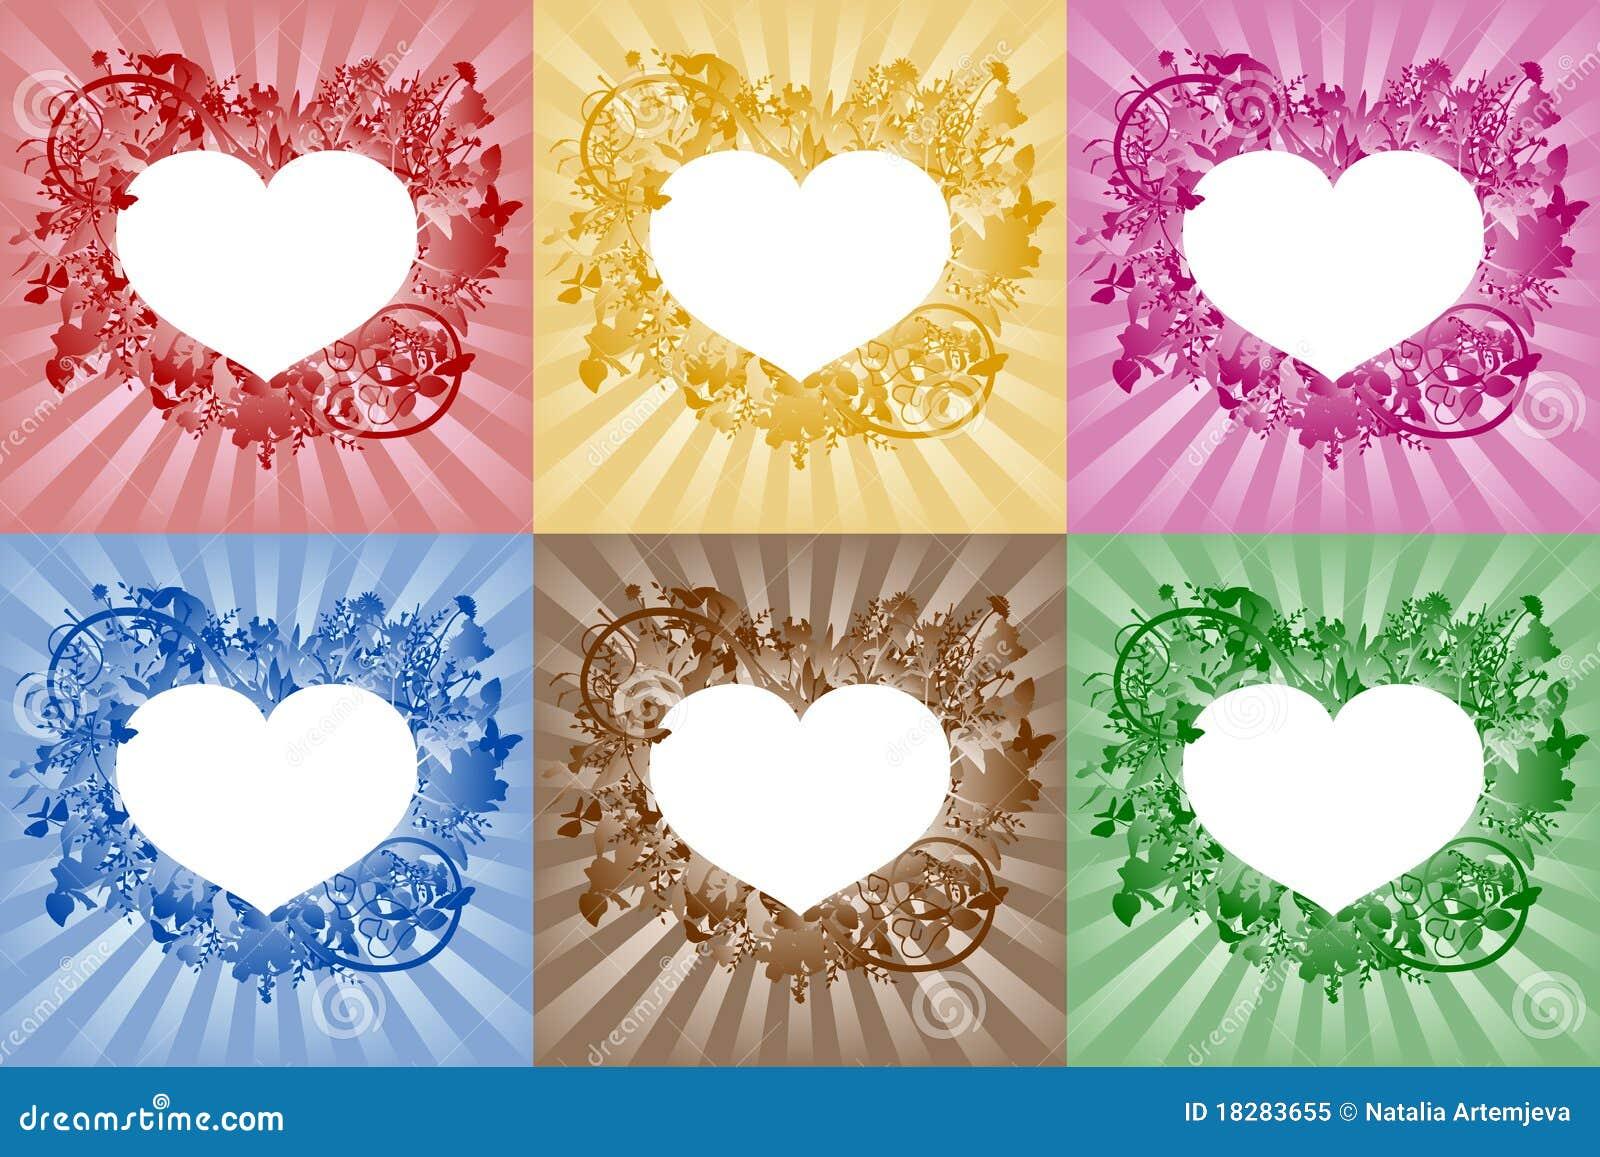 Corazones marcos para el texto foto de archivo libre de - Marcos de corazones para fotos ...